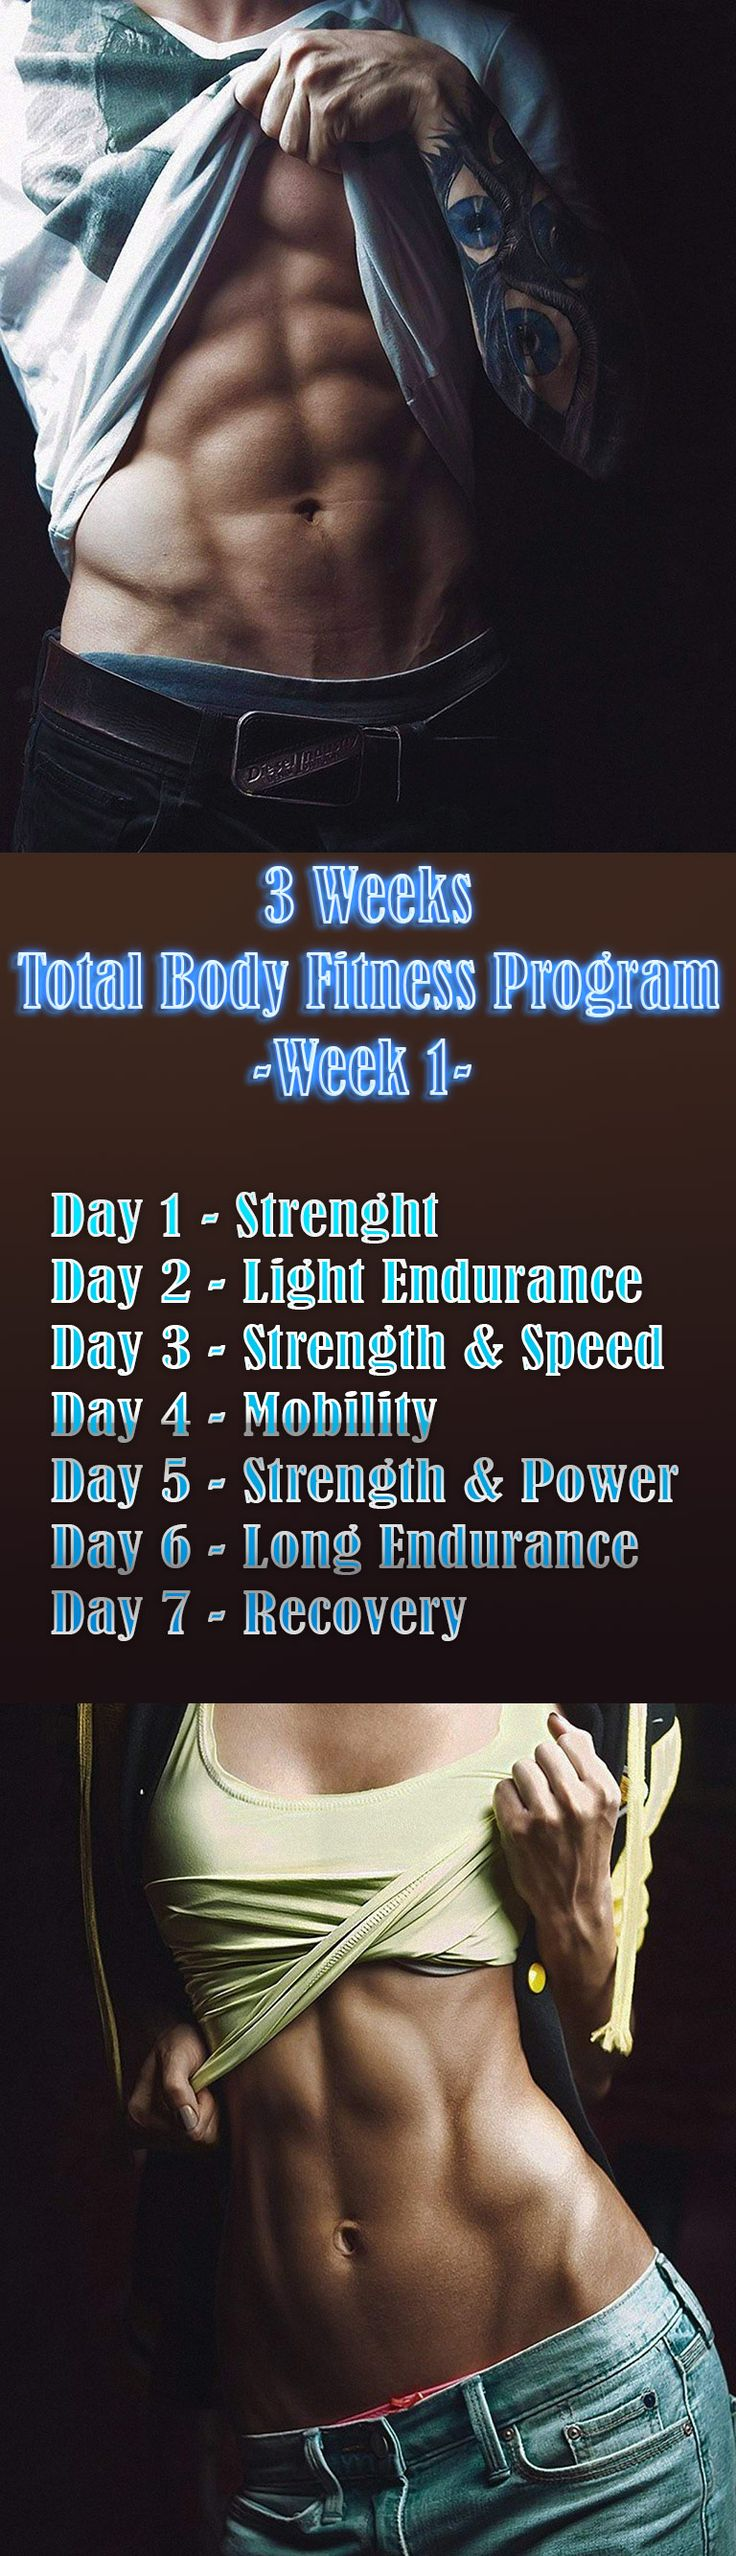 3 Weeks Total Body Fitness Program- Week 1